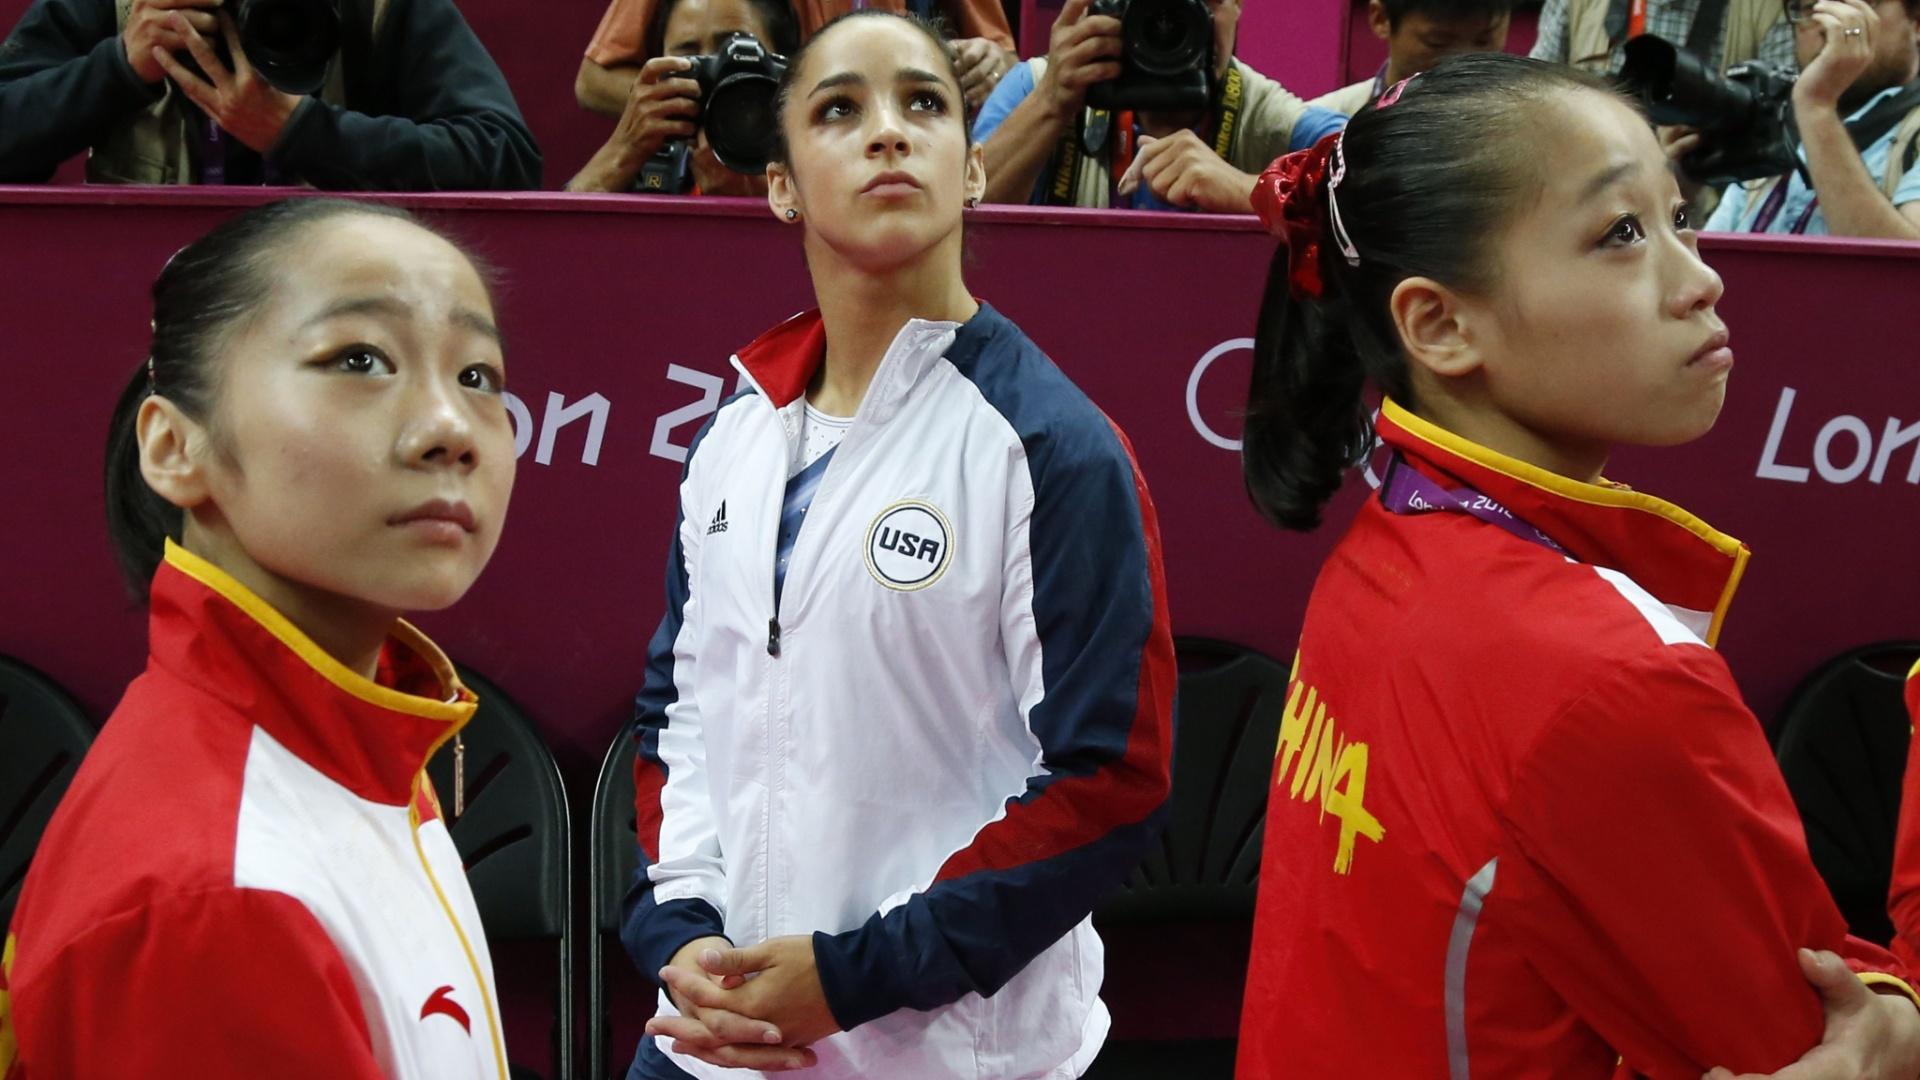 Norte-americana Alexandra Raisman aguarda a revisão de sua nota na final de trave; inicialmente em quarto lugar, a americana teve sua pontuação substituída e ficou com a medalha de bronze